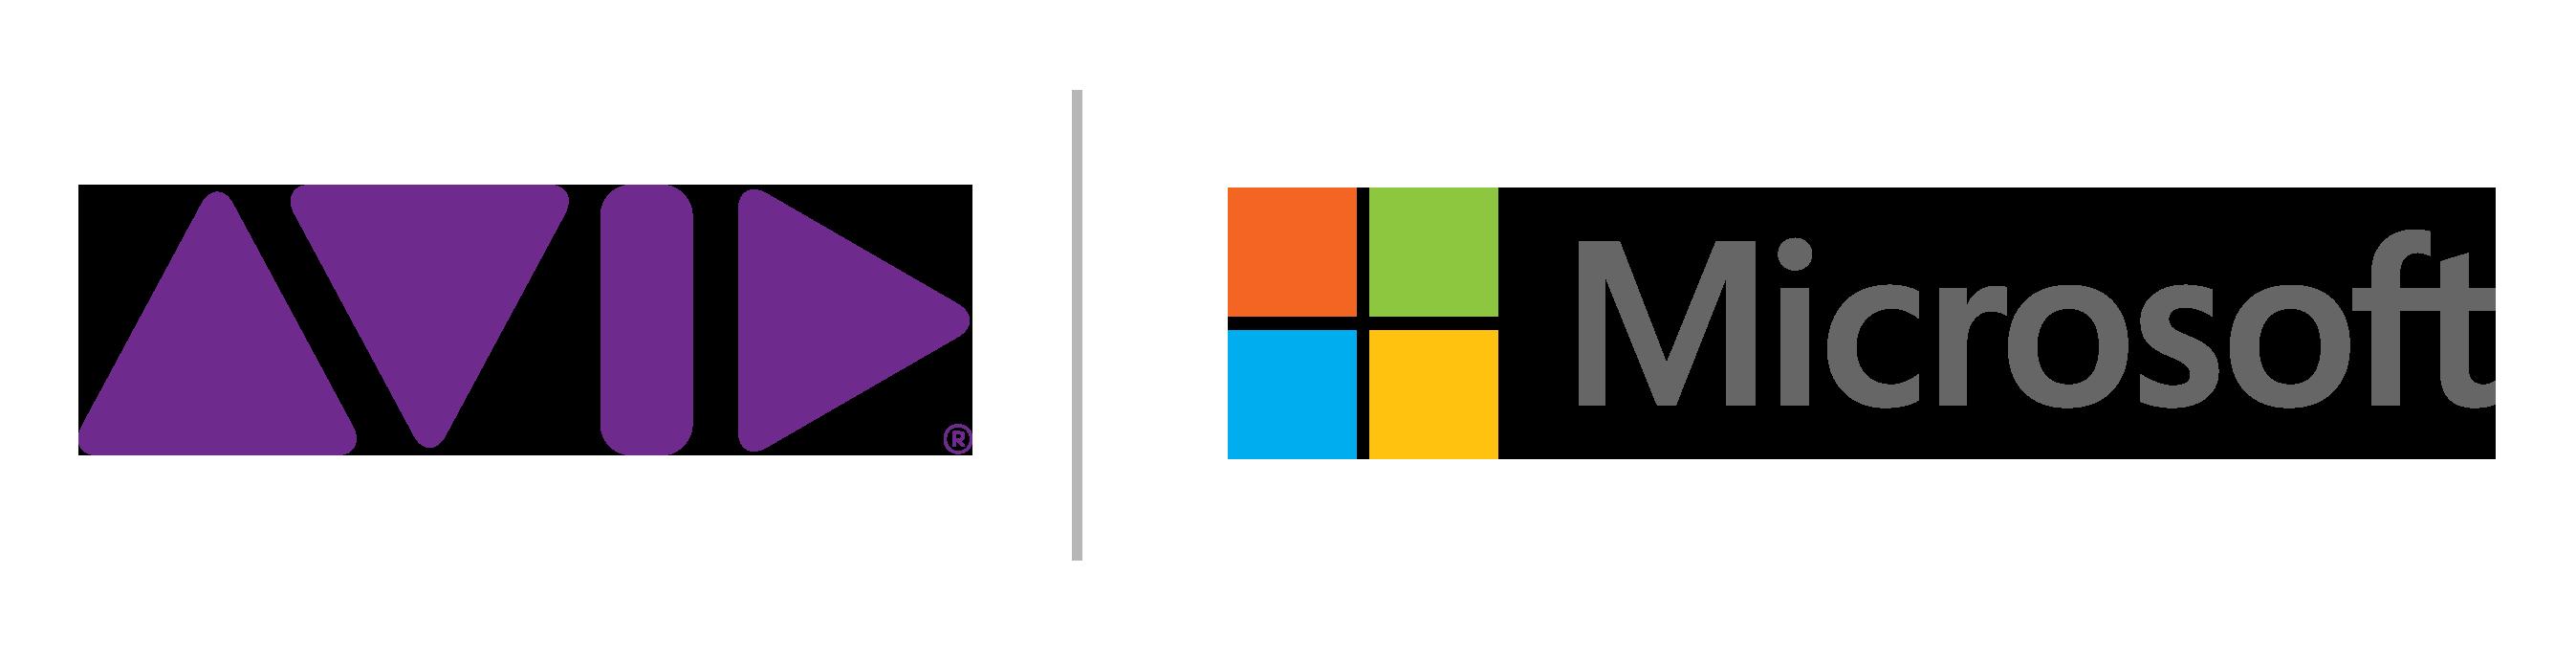 Microsoft logo-n-avid